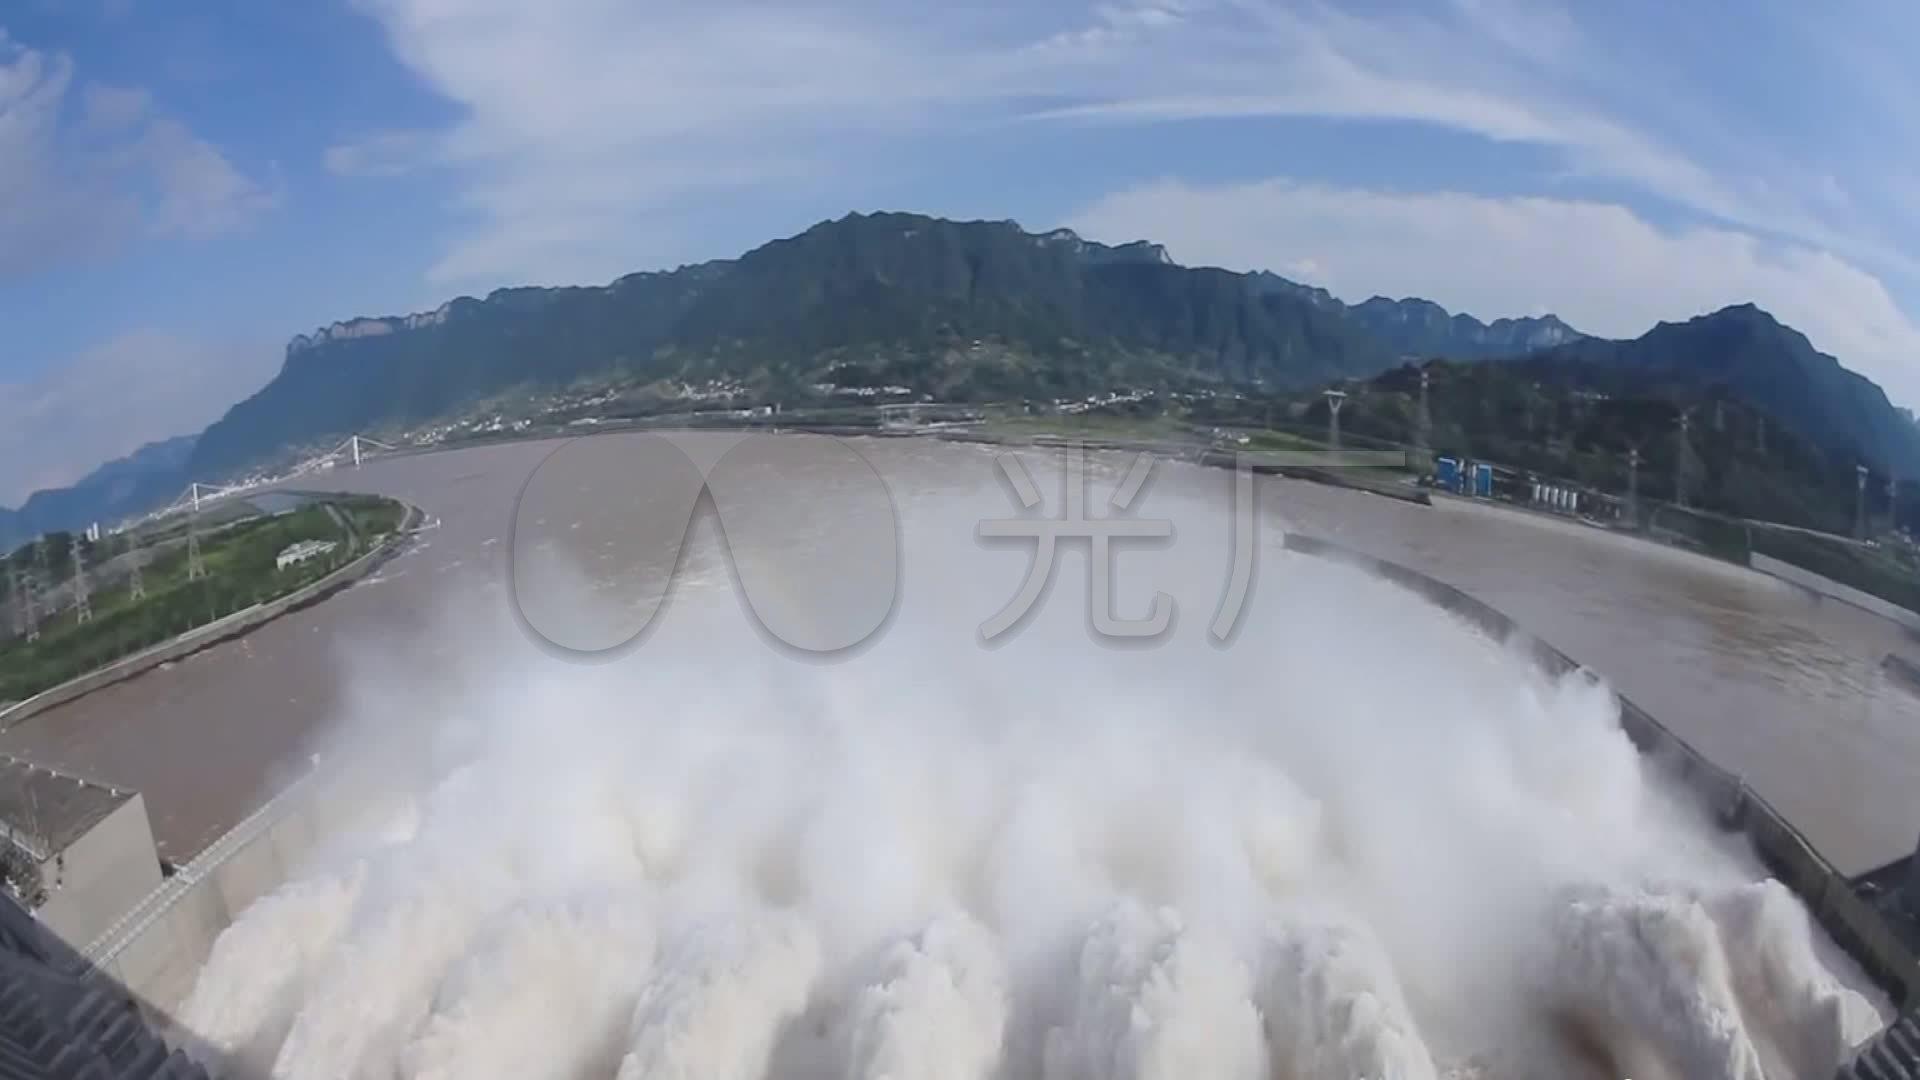 视频国家三峡水电站_1920X1080_视频工程素定制吧高清图片